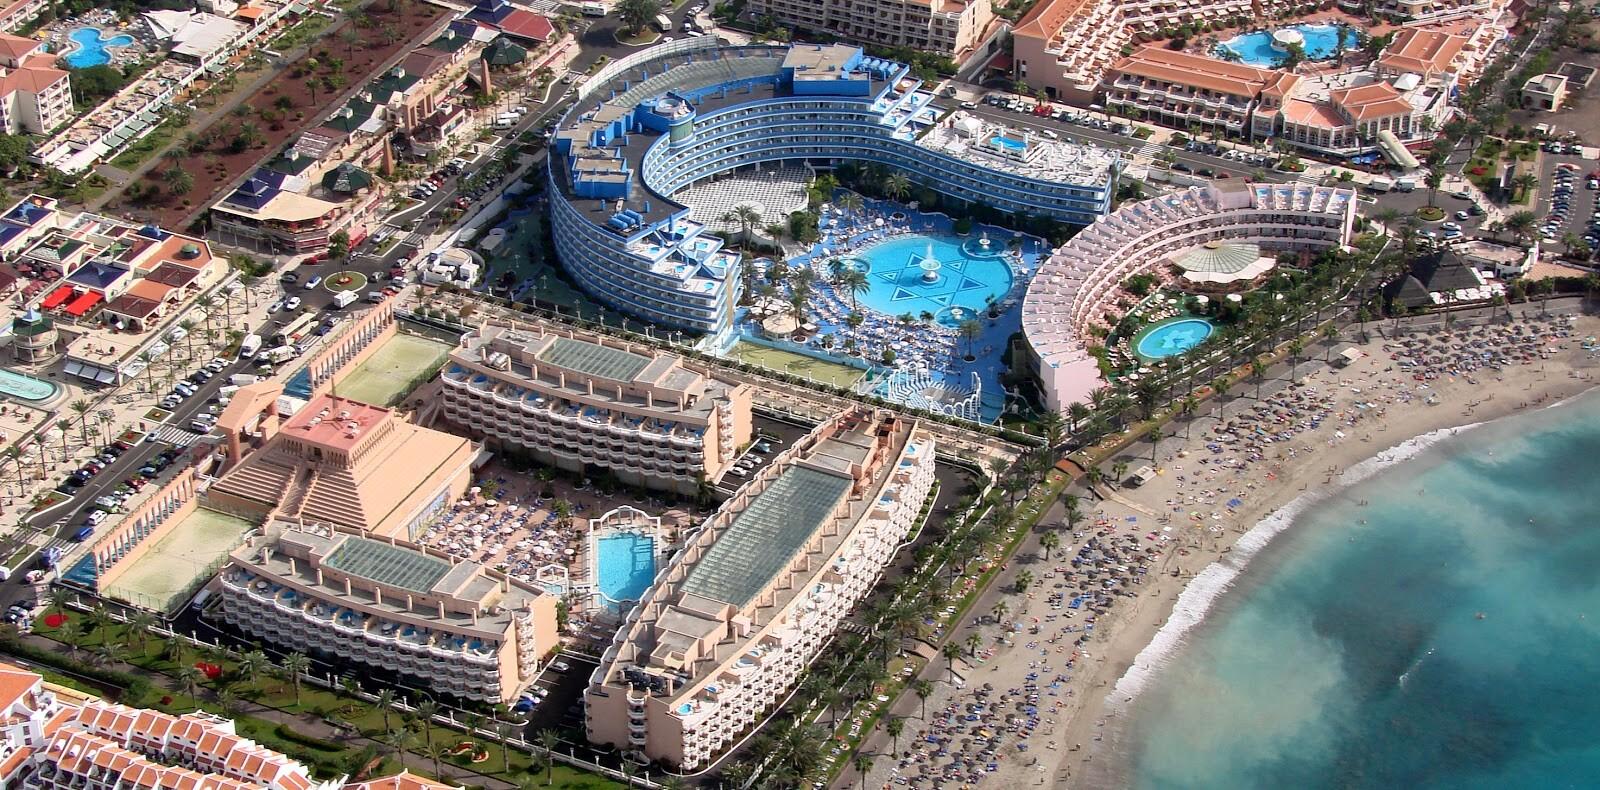 brookfield-adquiere-la-cadena-hotelera-selenta-group-por-440-millones-de-euros-1-alt